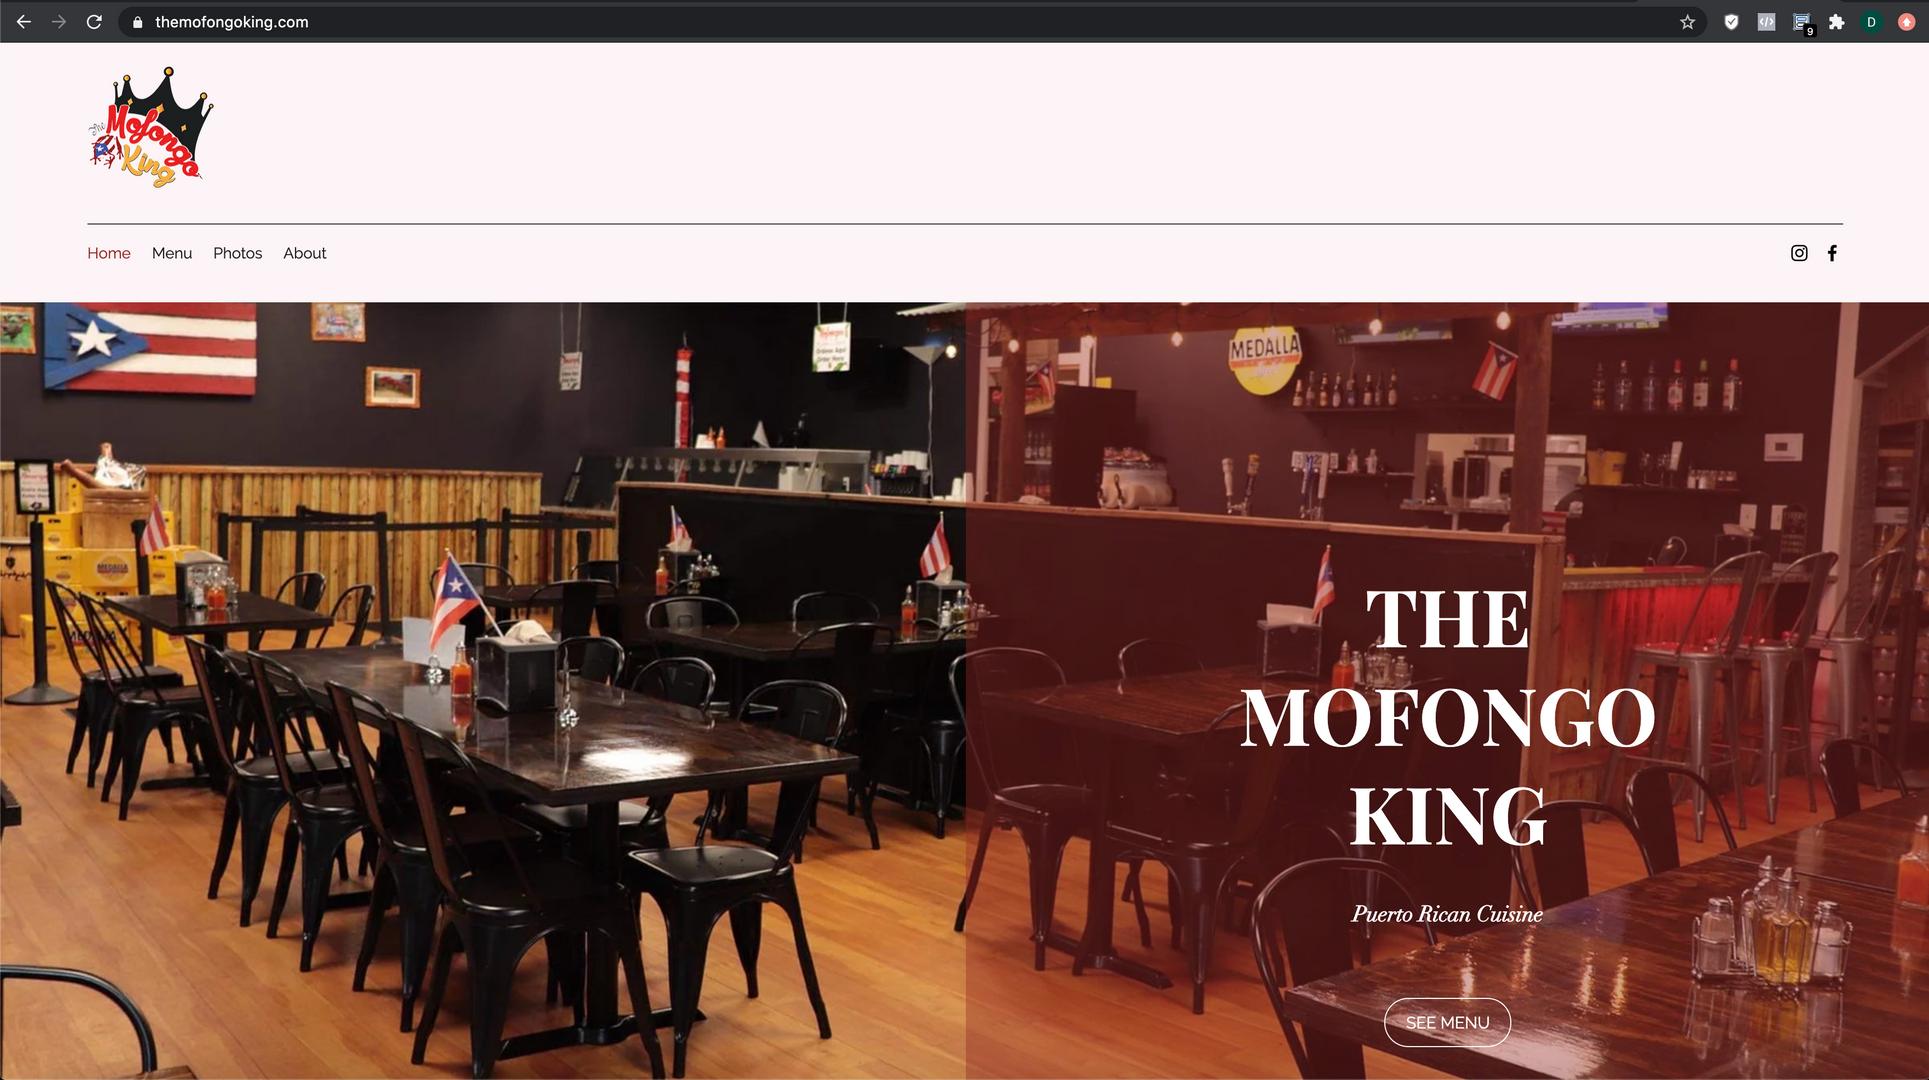 Mofongo King